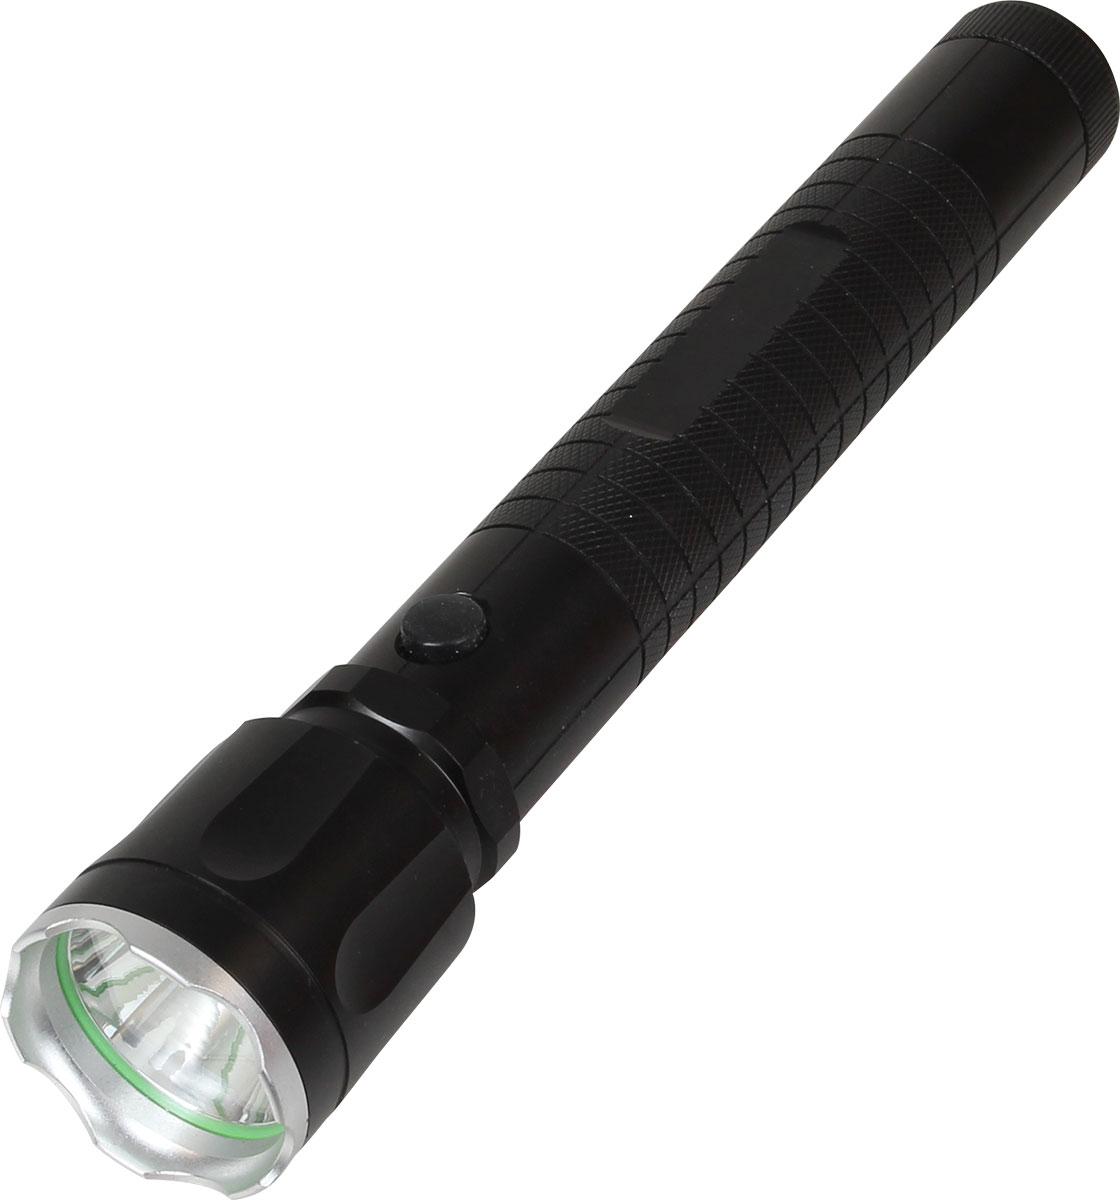 Фонарь ручной Track Blaze 3D5662387Сверхяркий светодиод CREE XP-G Максимальный световой поток 220 люменов Элементы питания (в комплект не входят): 3 шт типа D Вес без батарей: 330 г Вес с батареями: 748 г Алюминиевый корпус Влагозащитный корпус IPX-5